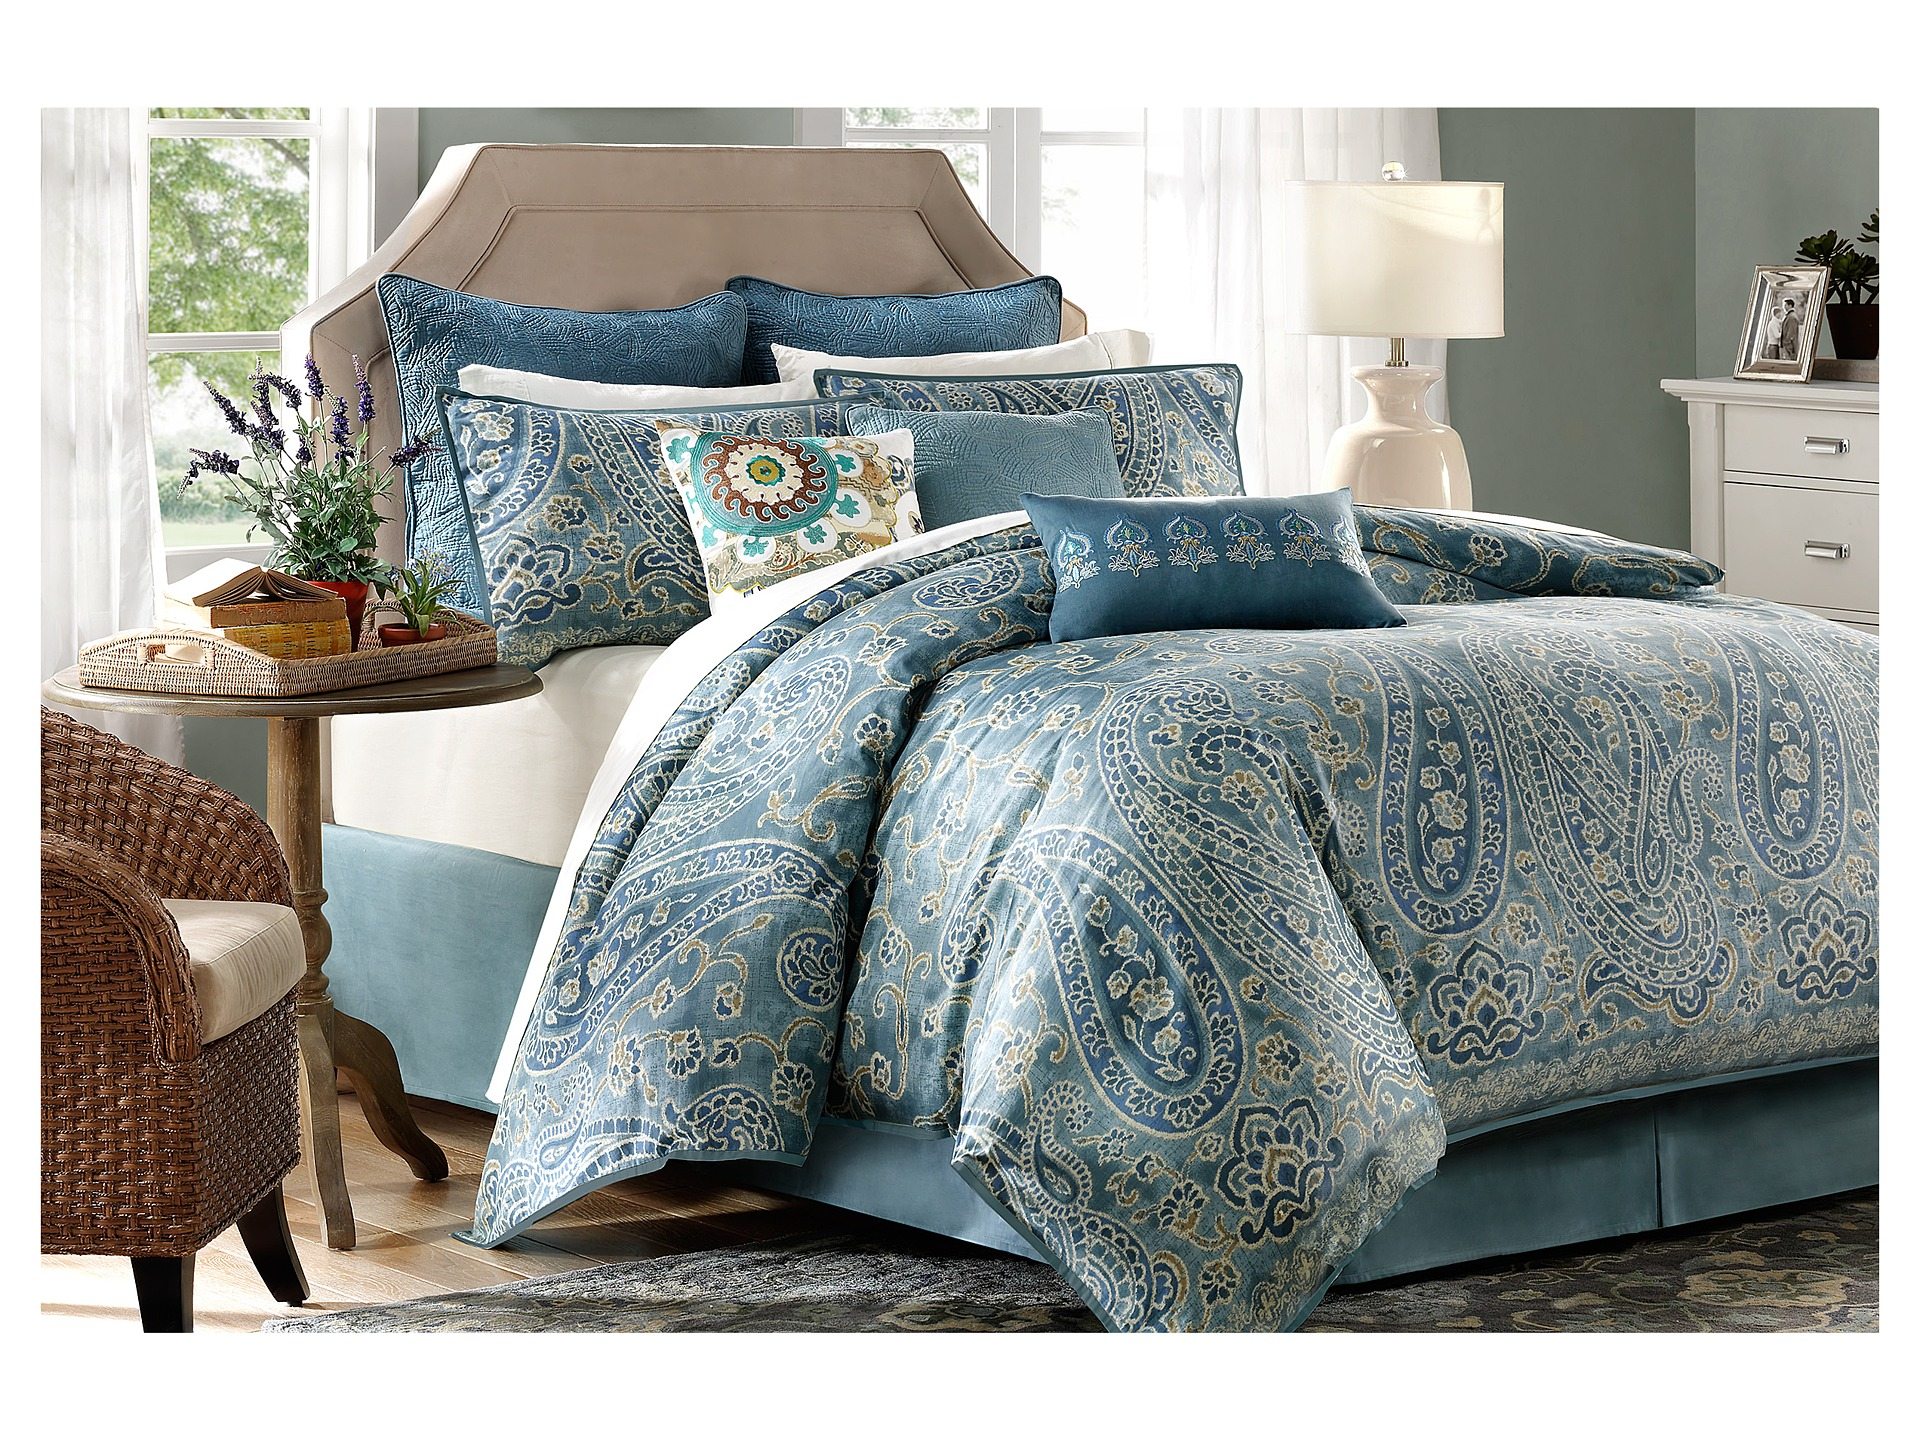 Harbor House Belcourt 4 Piece Comforter Set Cal King